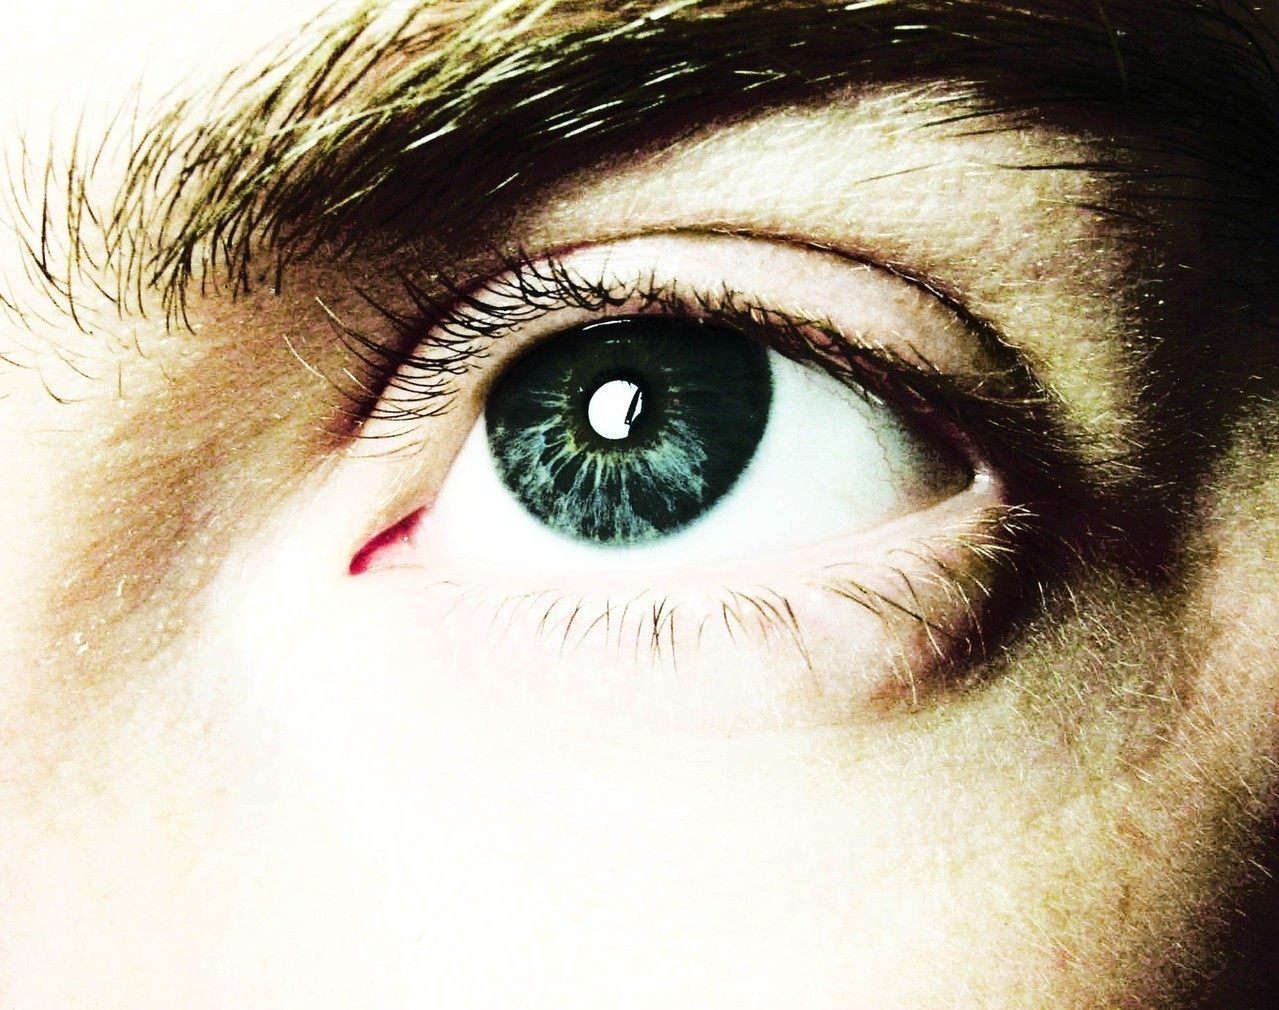 Jak przebiega badanie wzroku u okulisty?